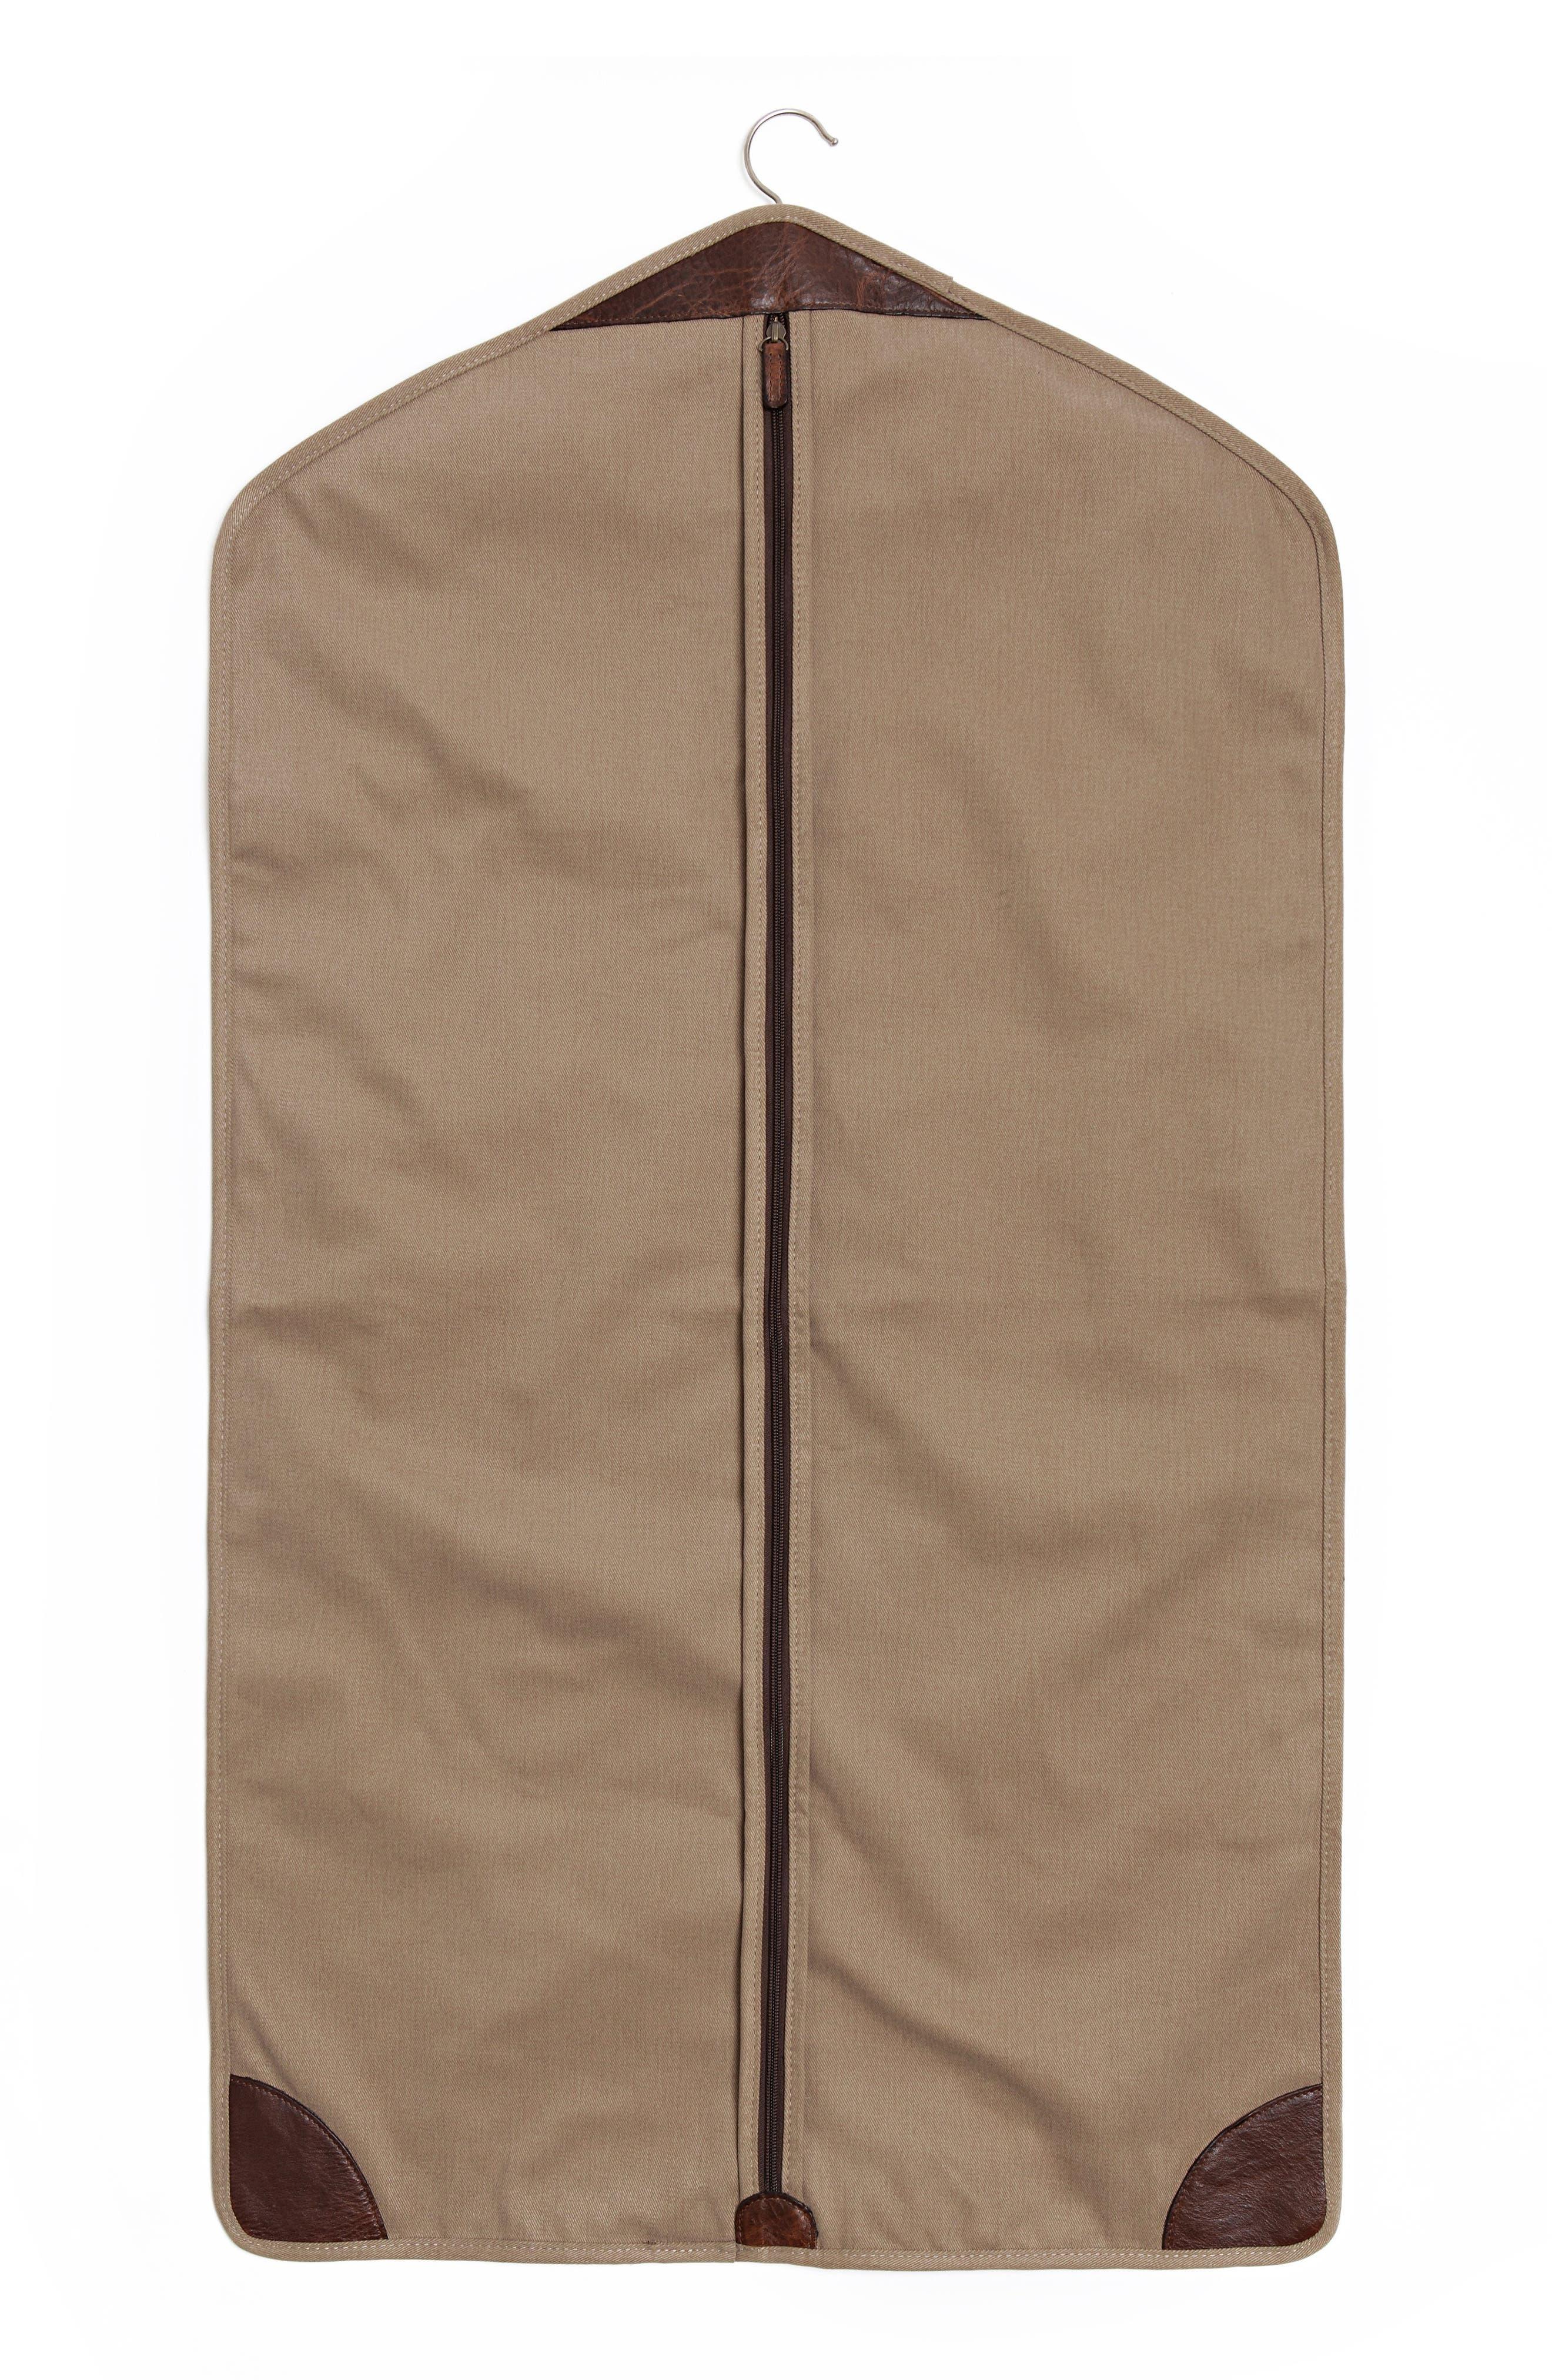 Moore & Giles Holton Garment Bag